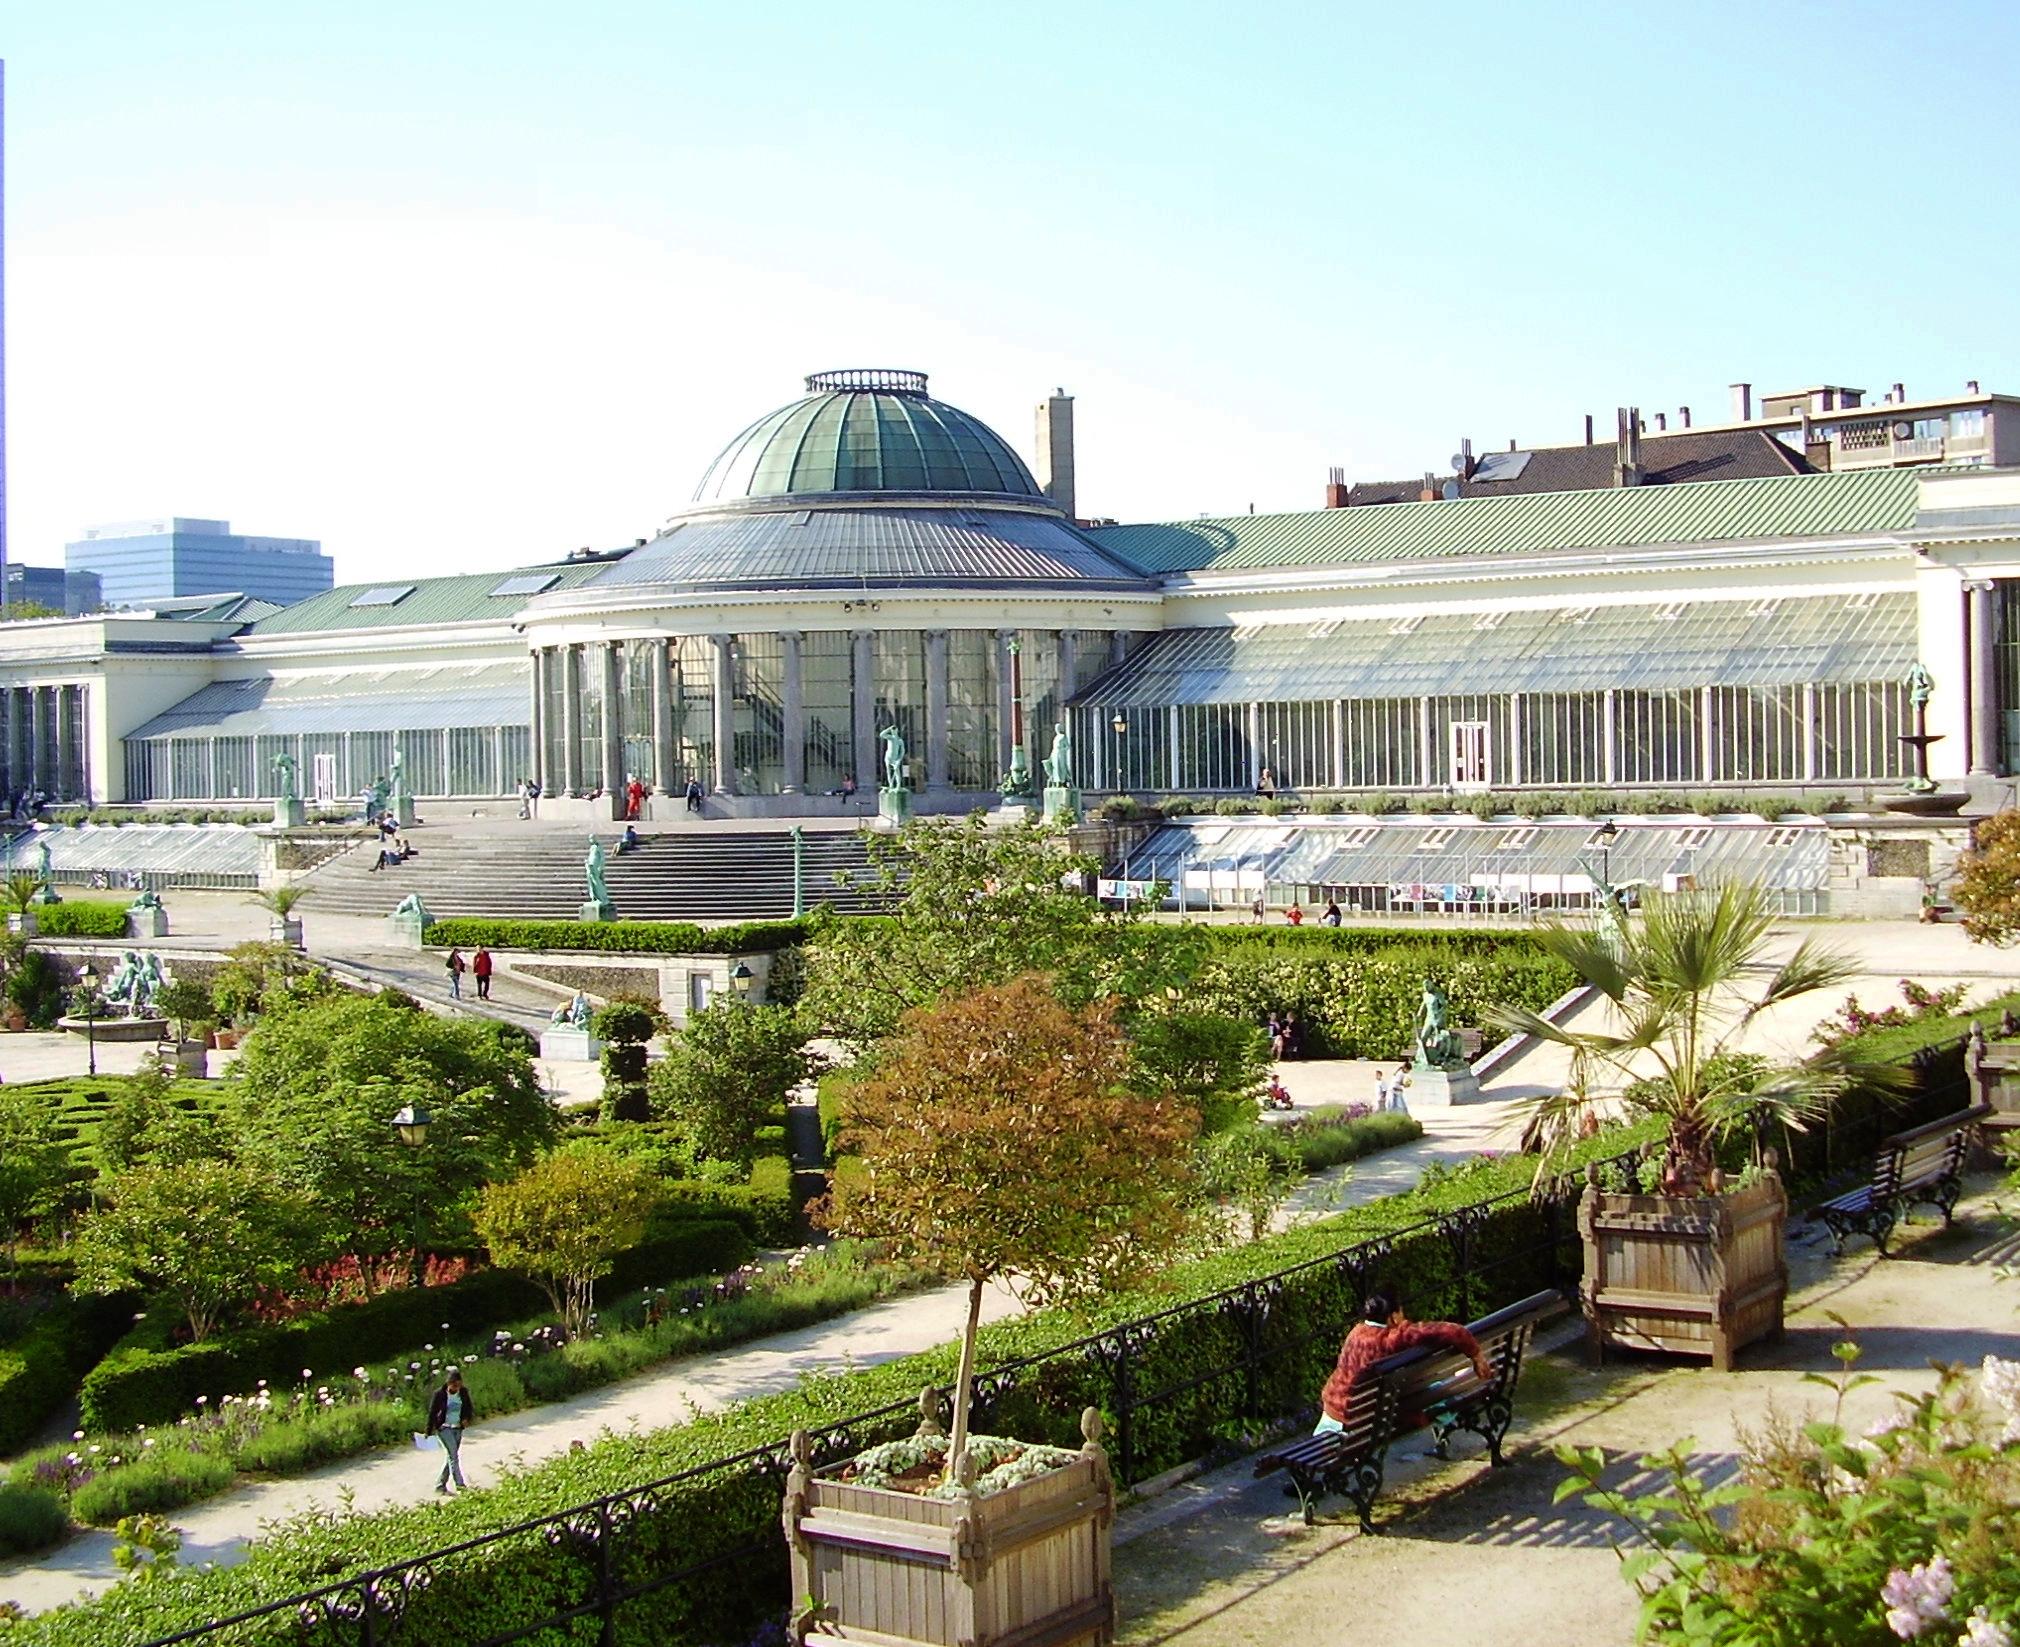 Jardin botanique de bruxelles wikiwand for Architecte de jardin bruxelles